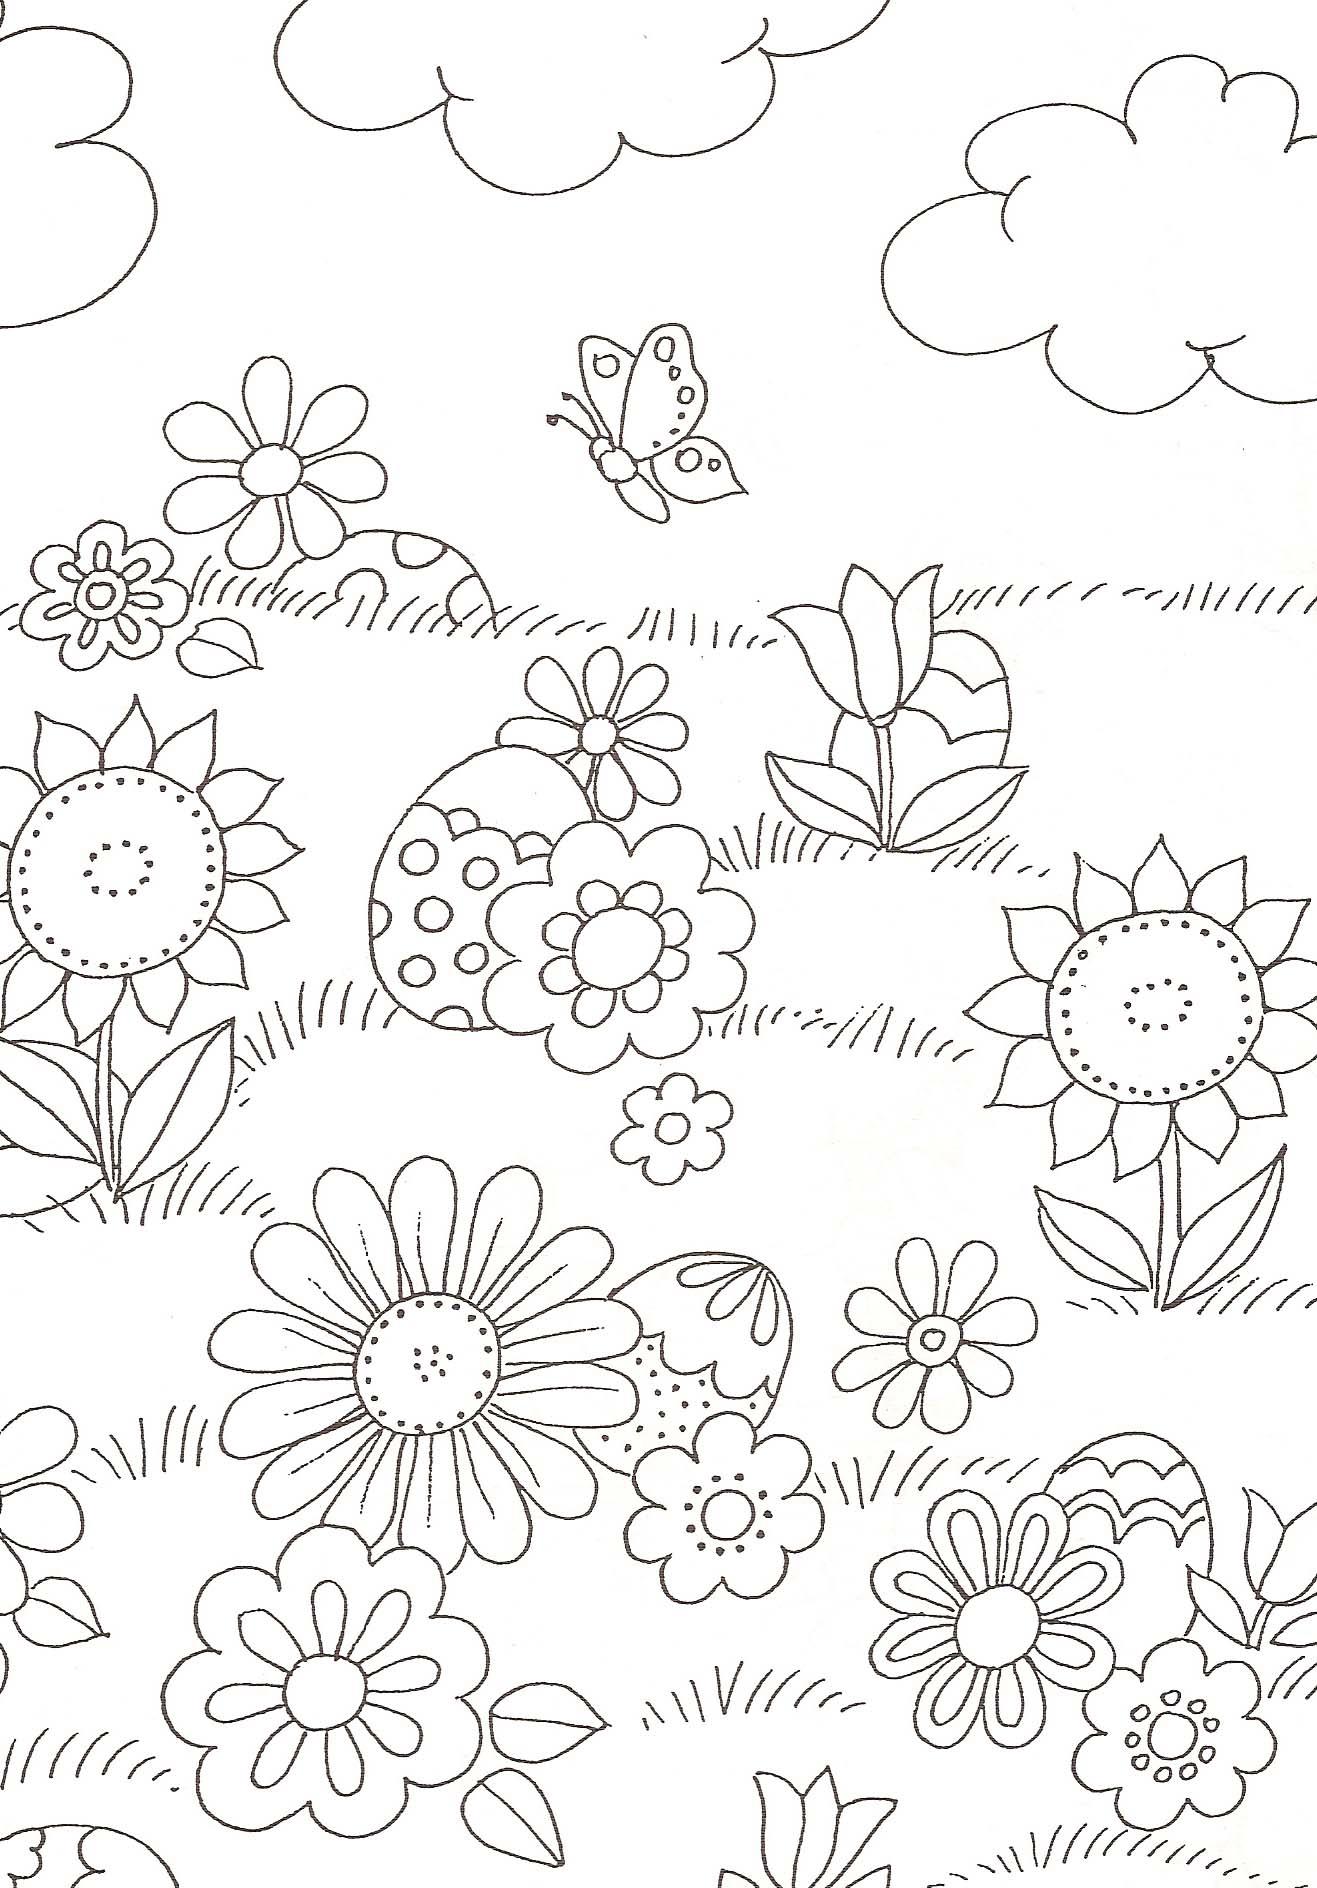 Coloriage Fleur Insecte.Coloriage Fleurs Et Oeufs De Paques